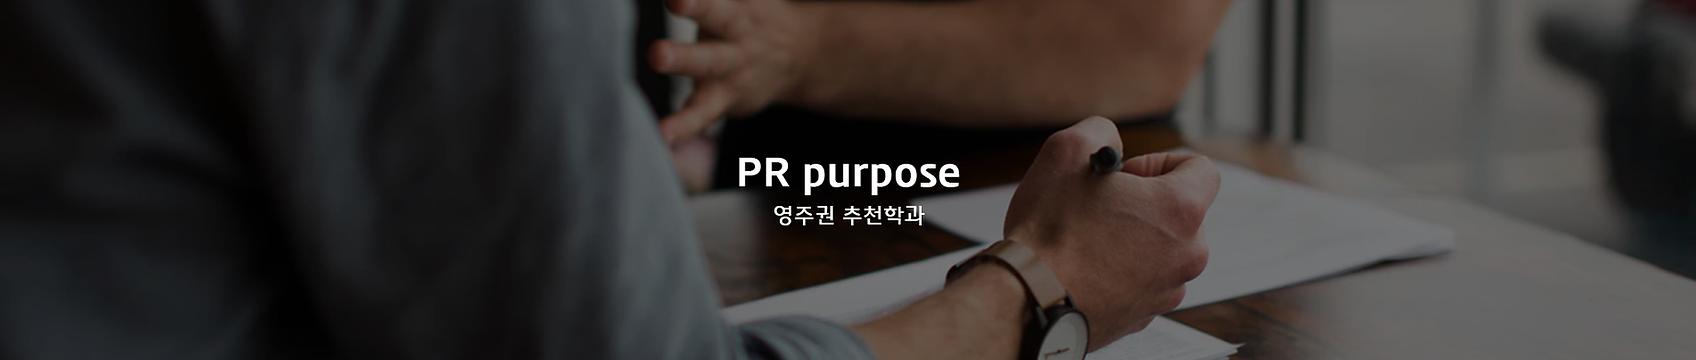 영주권추천학과 헤드타이틀.png